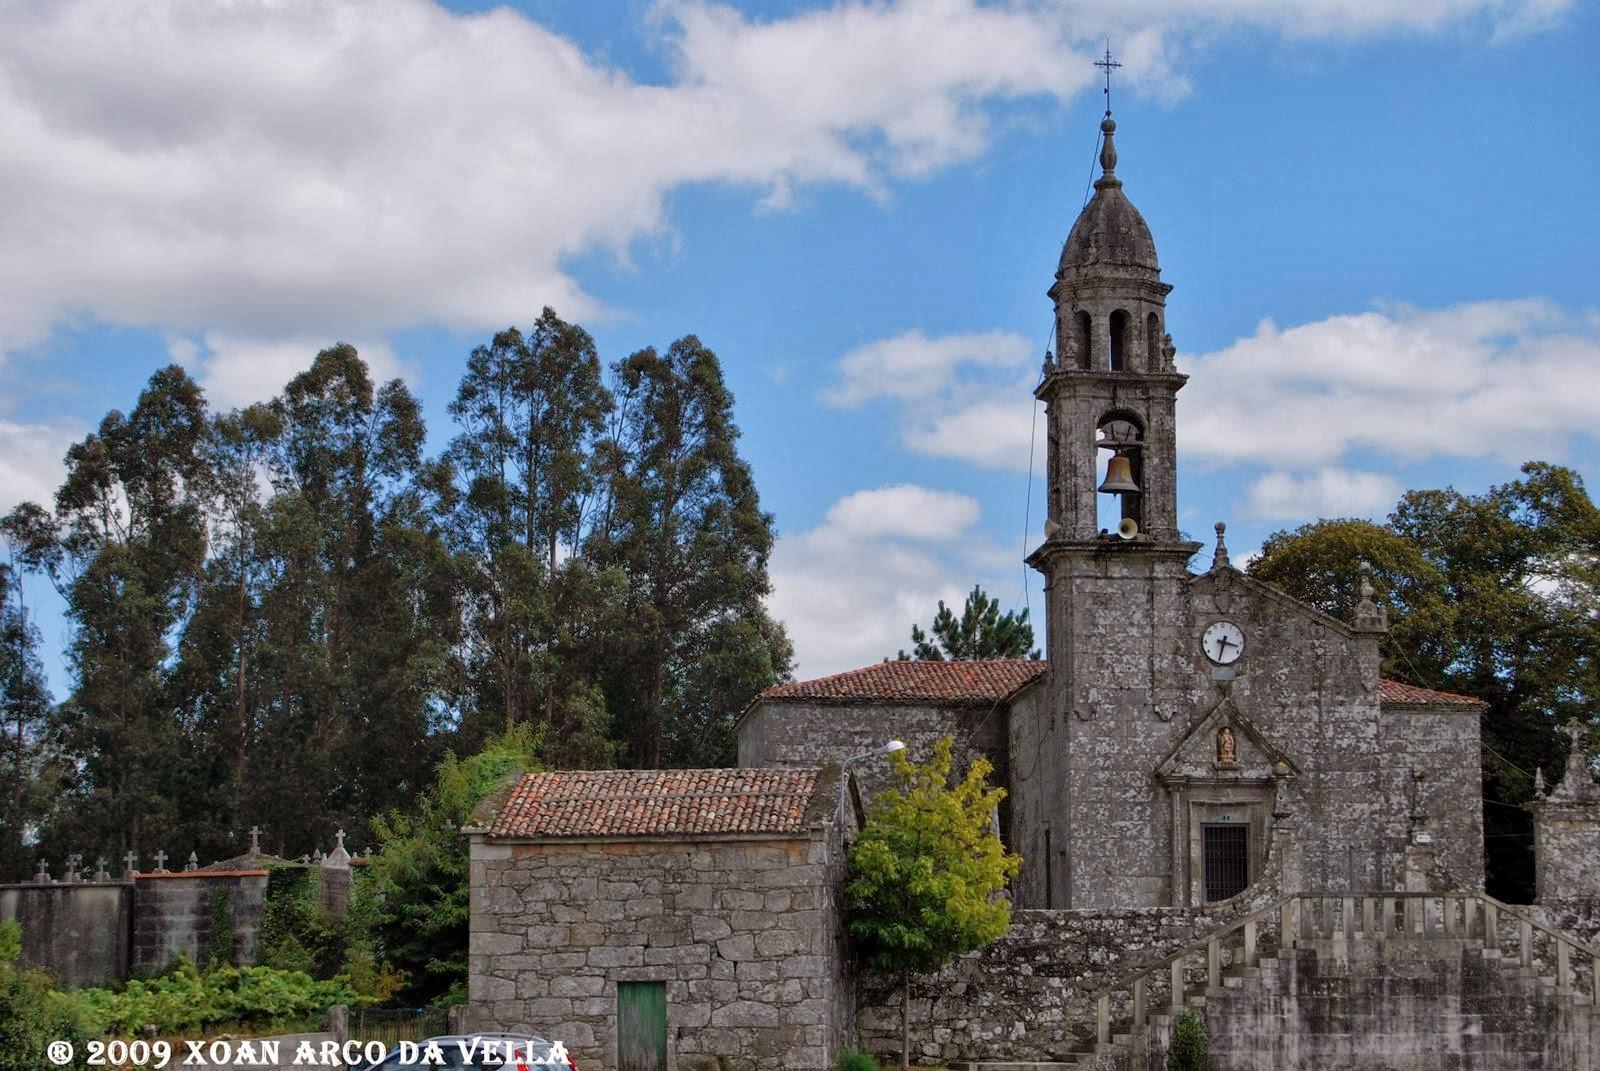 Xoan Arco Da Vella Iglesia De San Miguel Campo Lameiro